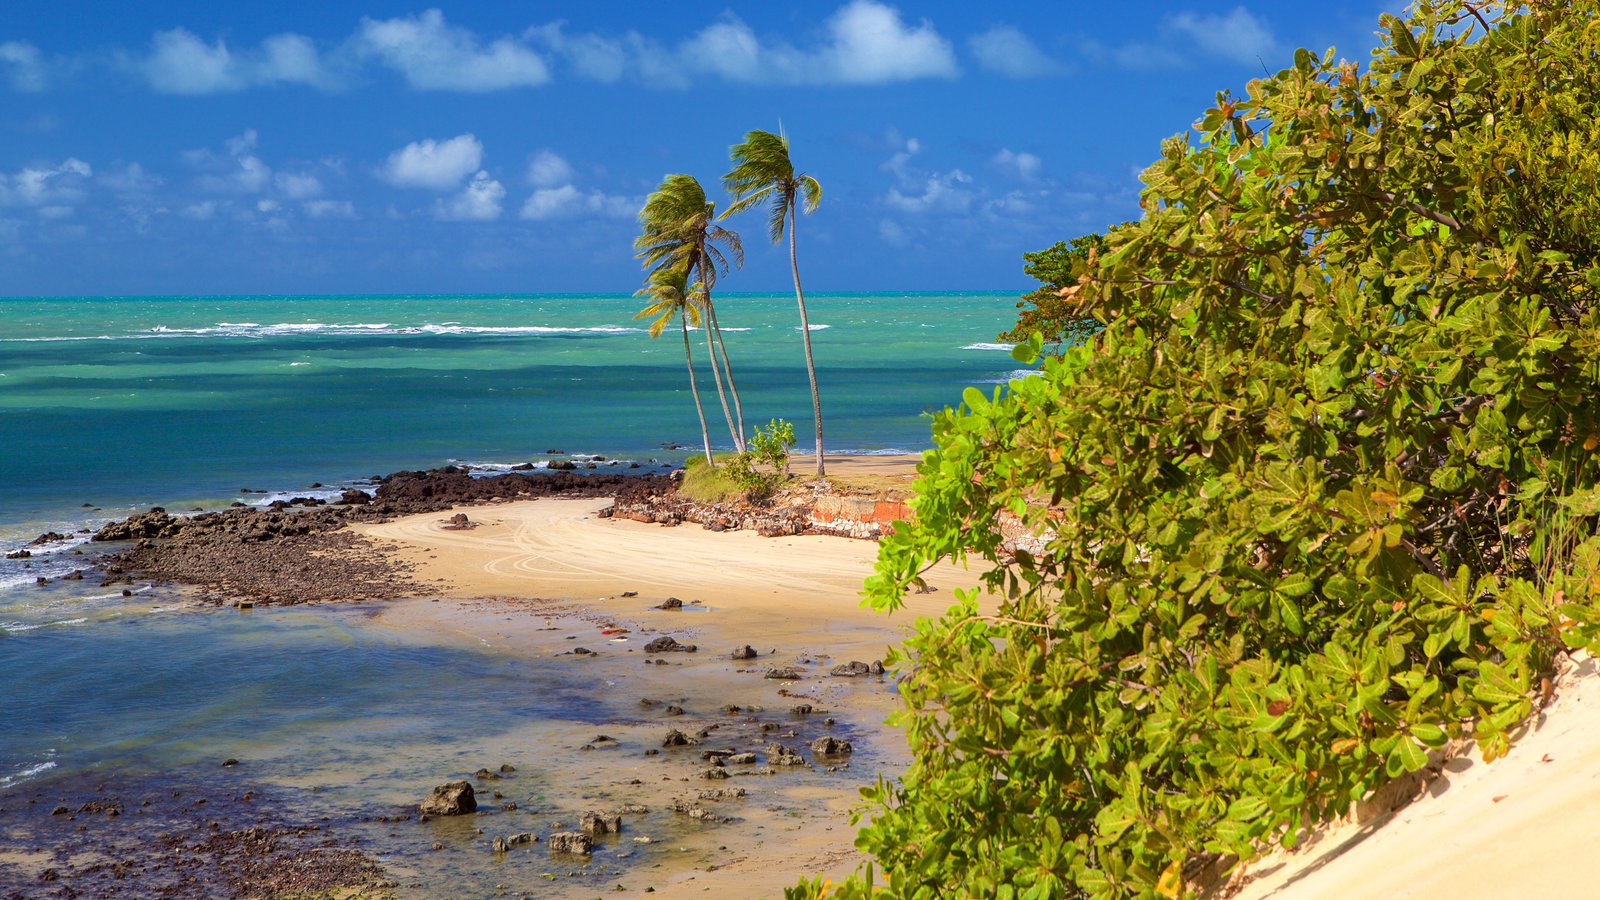 Praia de Genipabú mostrando cenas tropicais, paisagens litorâneas e uma praia de areia